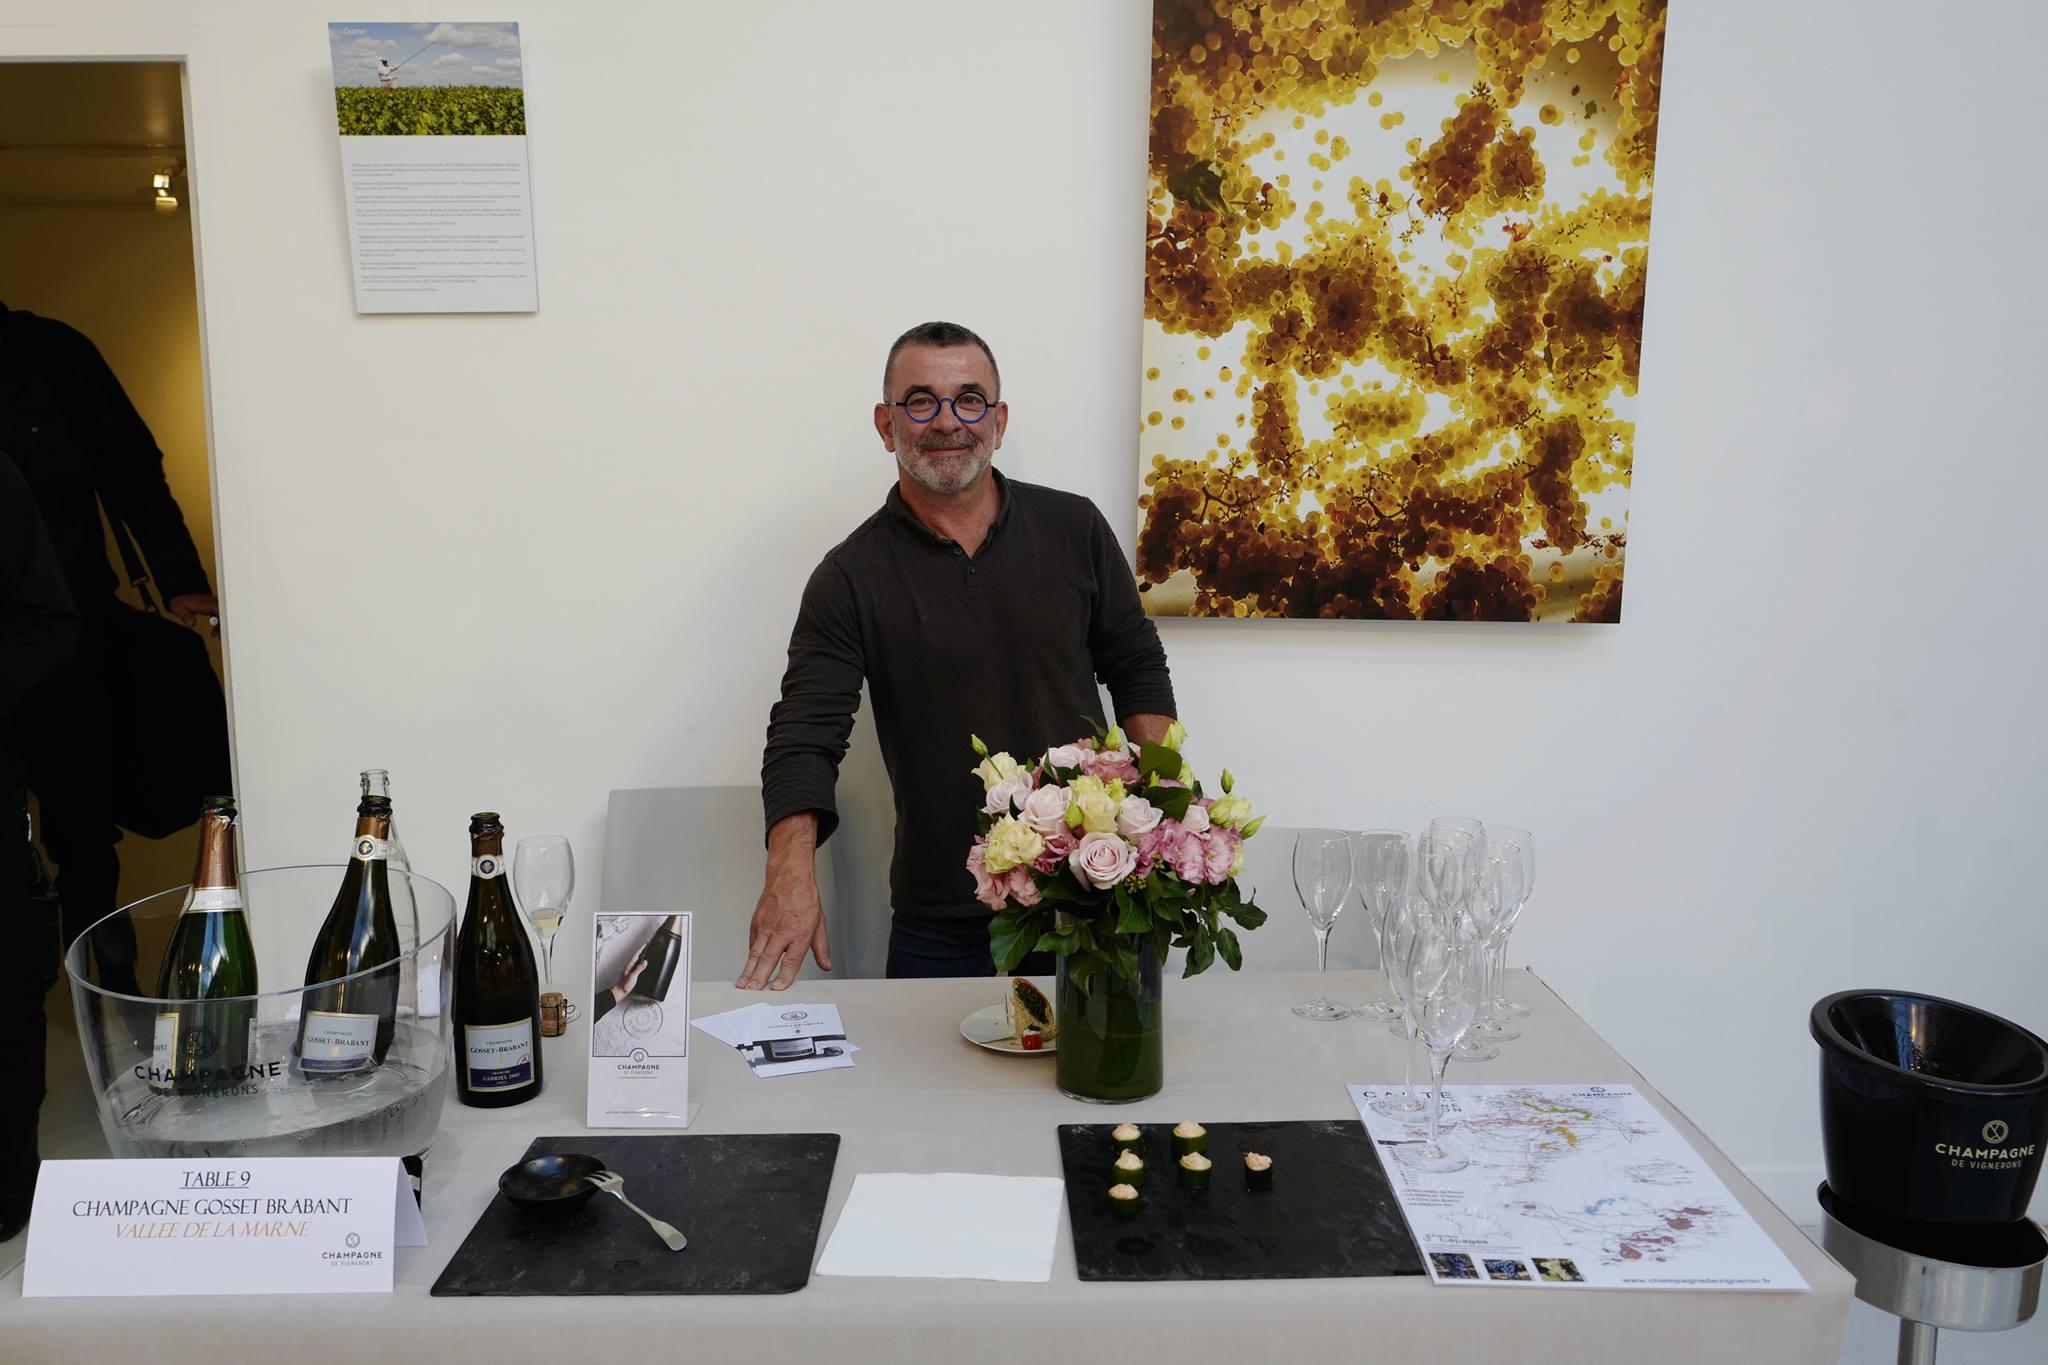 Christian Gosset champagne Gosset-Barbant.jpg